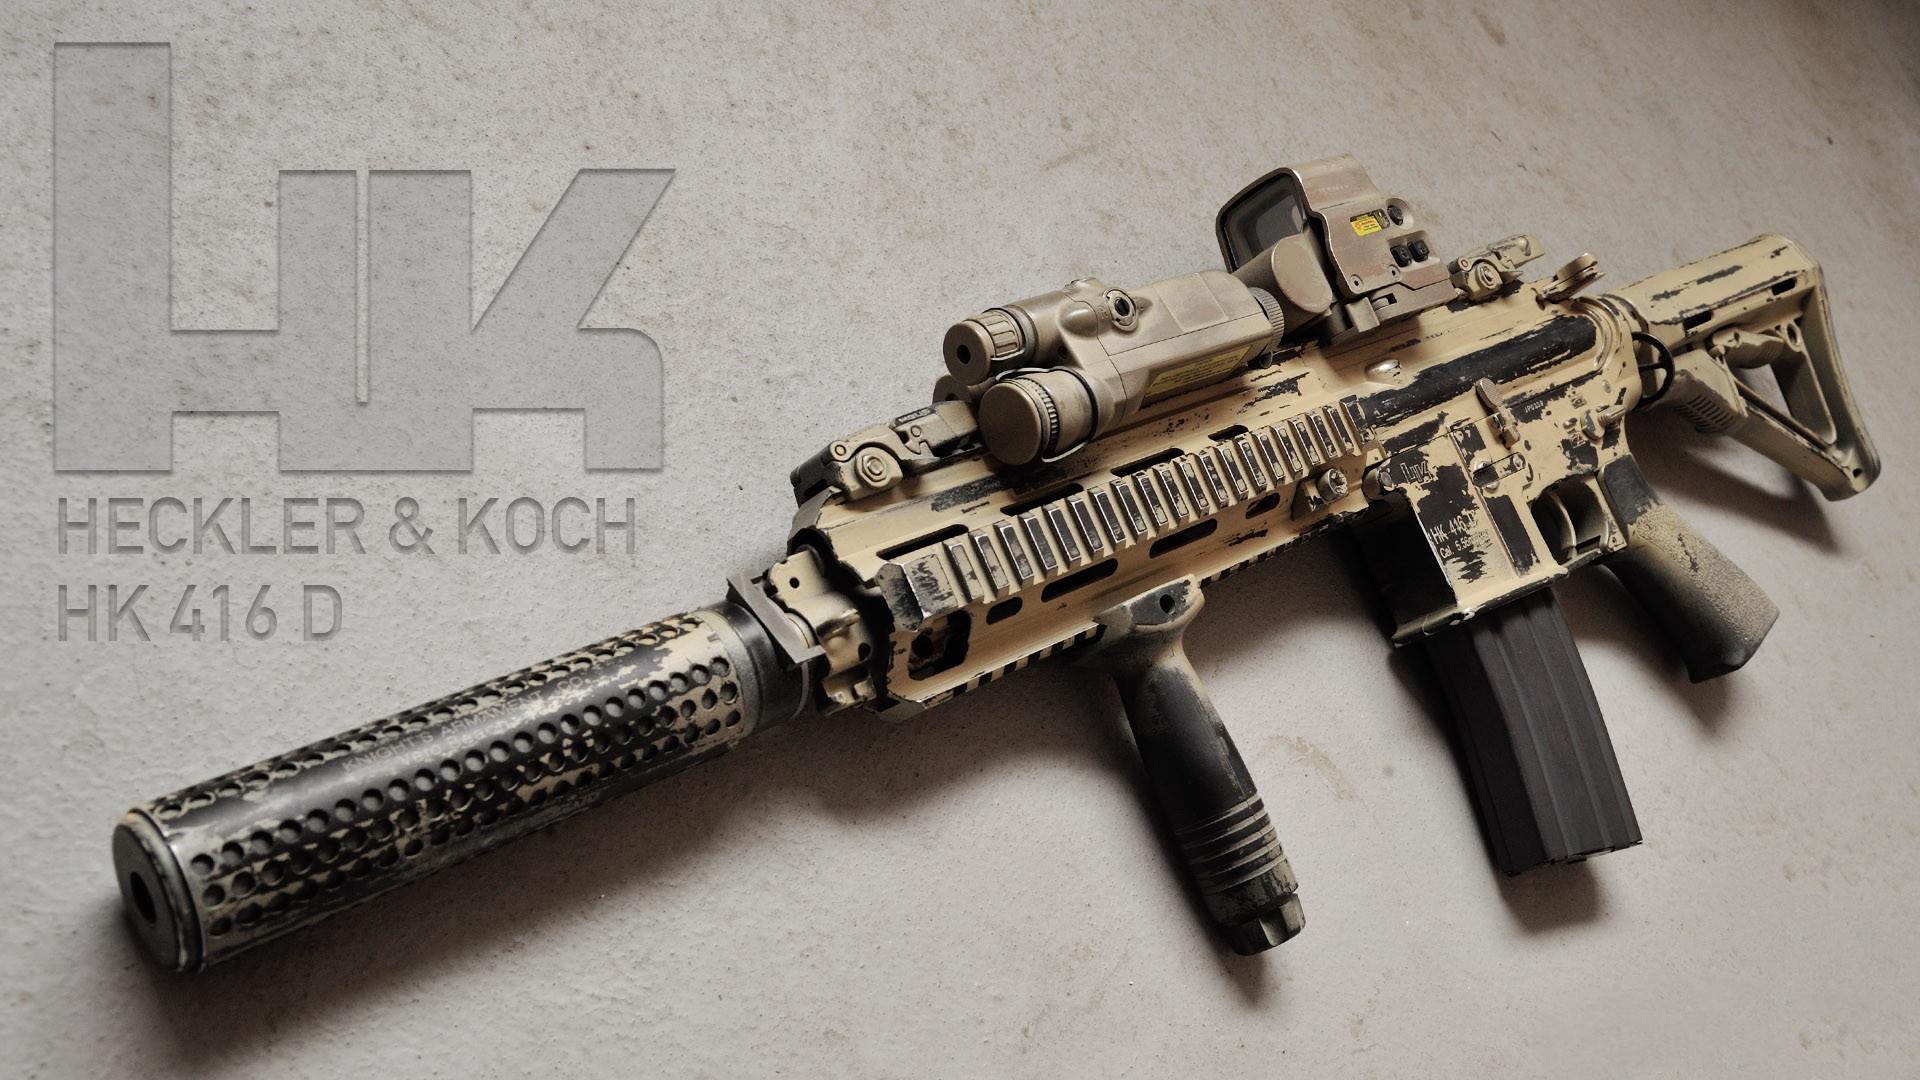 HK416步枪靠什么赢得了特种部队的青睐